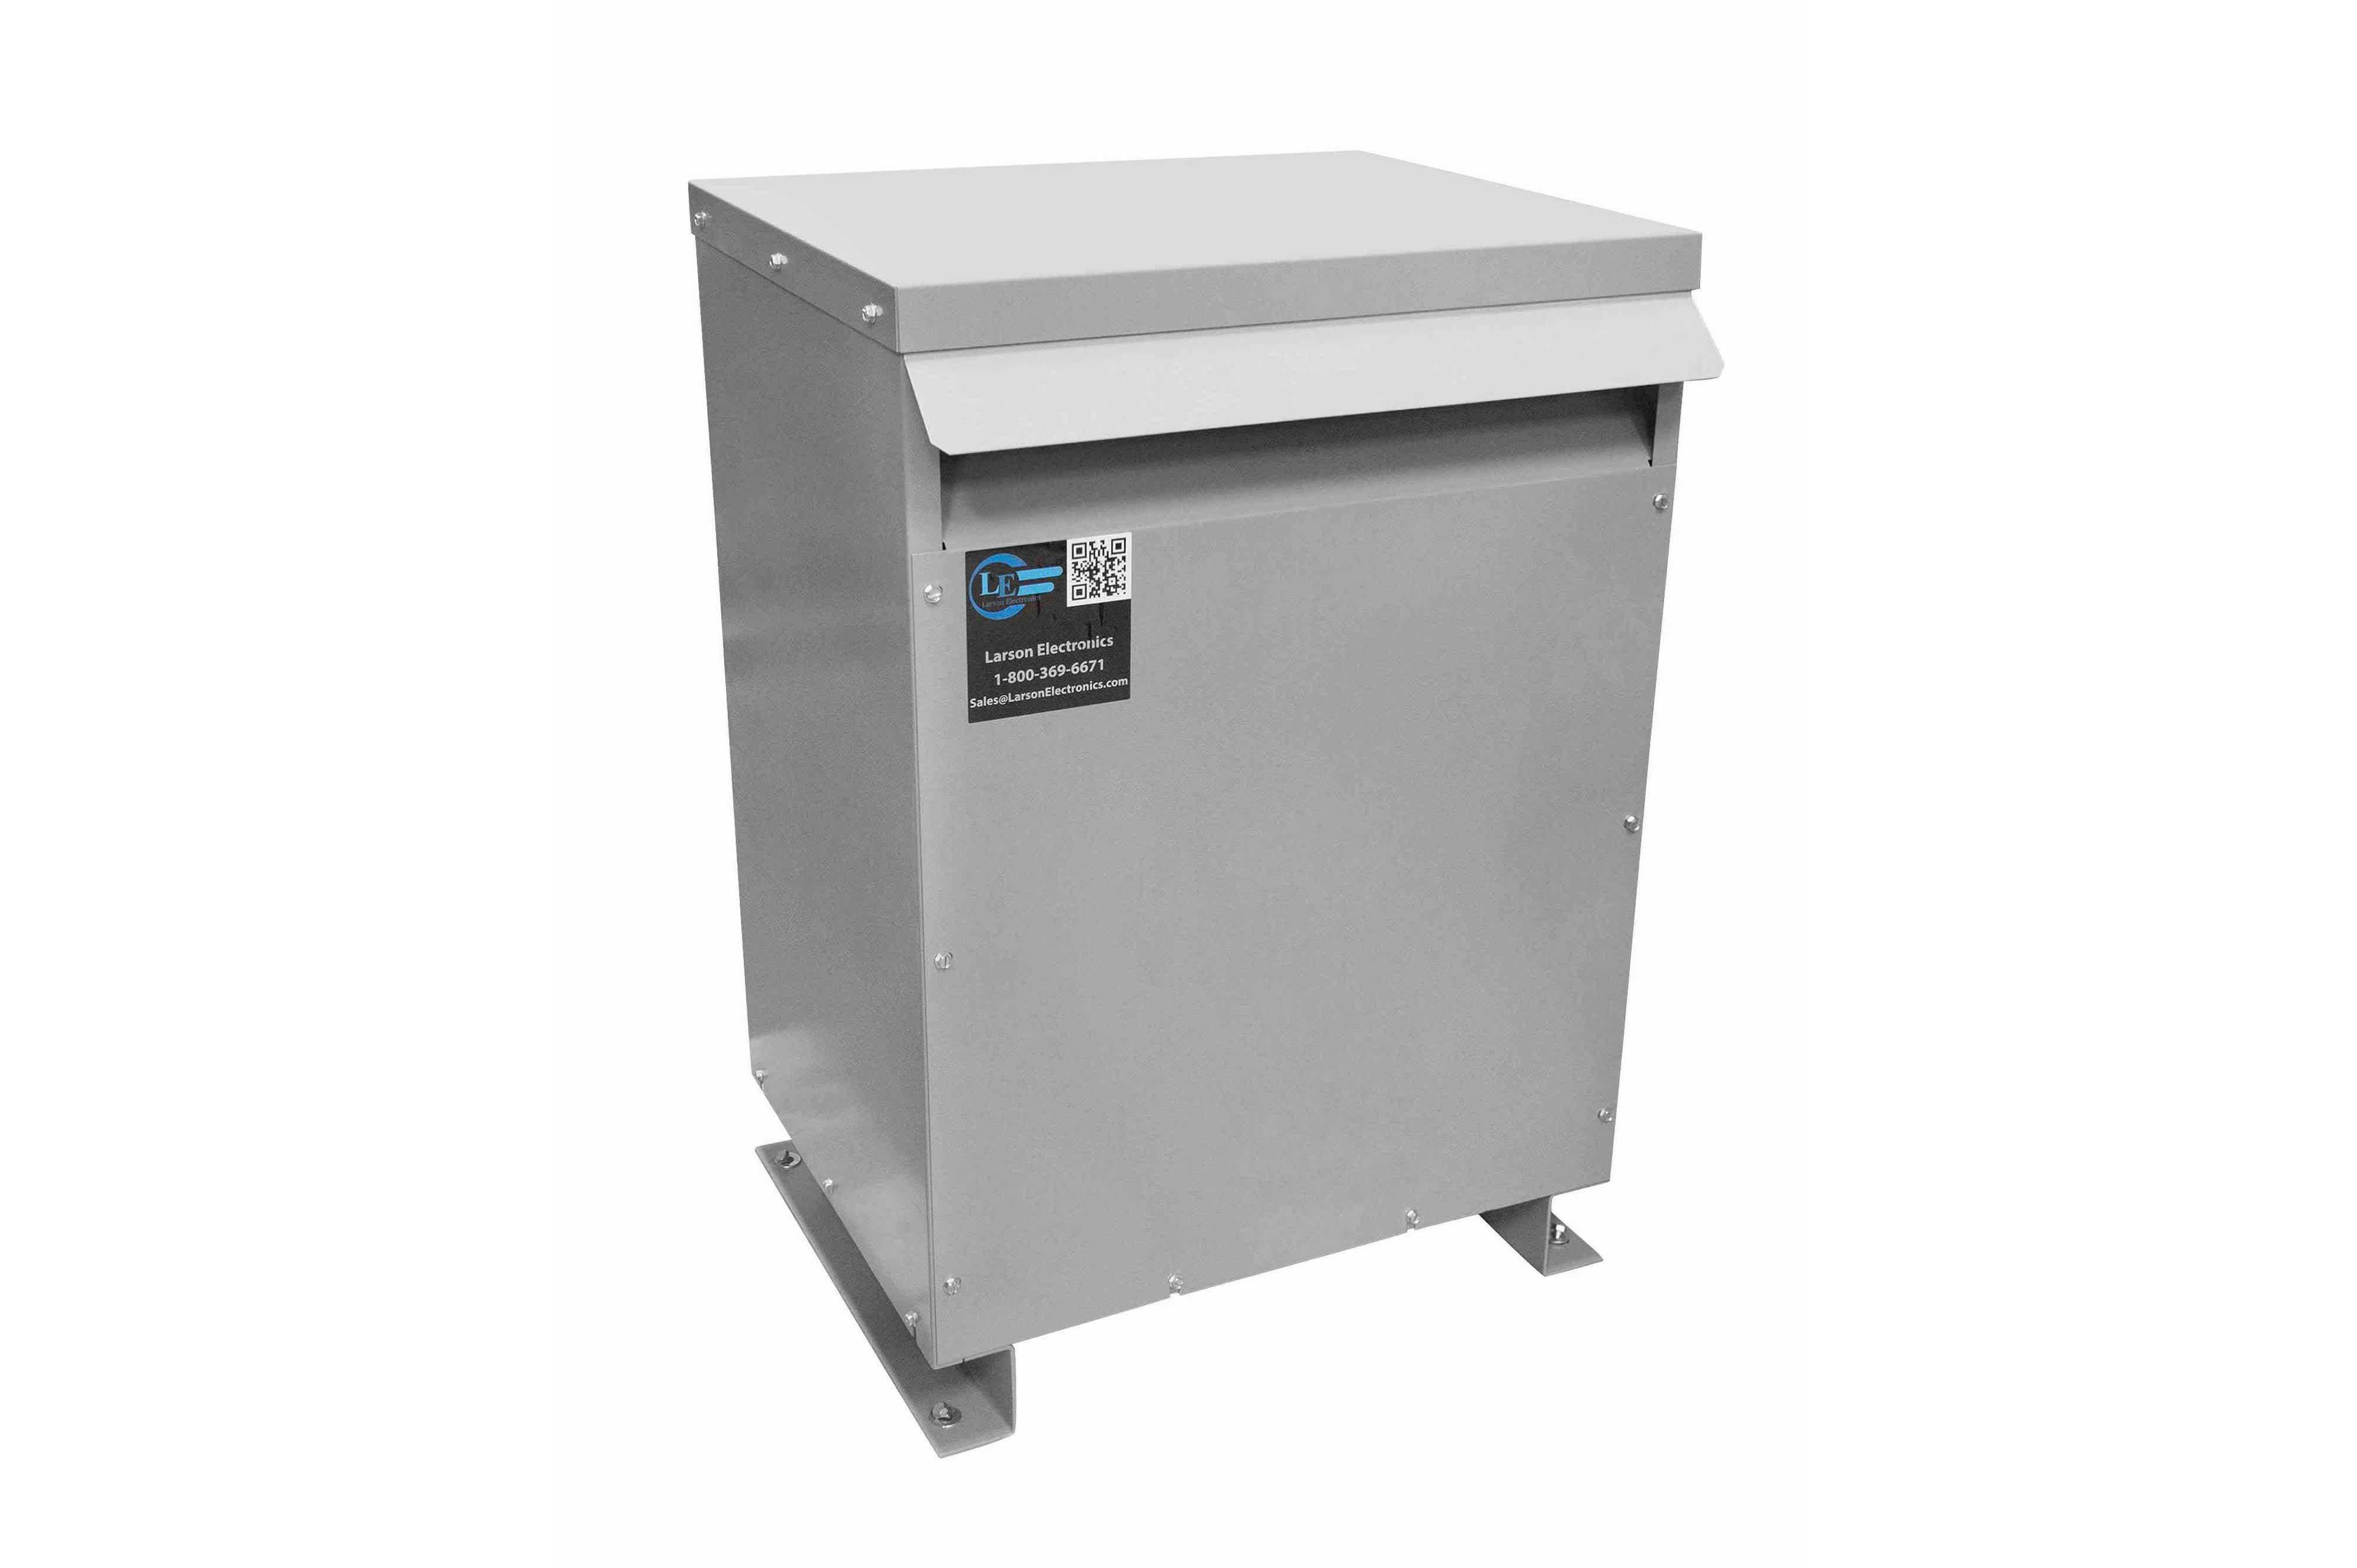 42.5 kVA 3PH Isolation Transformer, 208V Delta Primary, 240 Delta Secondary, N3R, Ventilated, 60 Hz